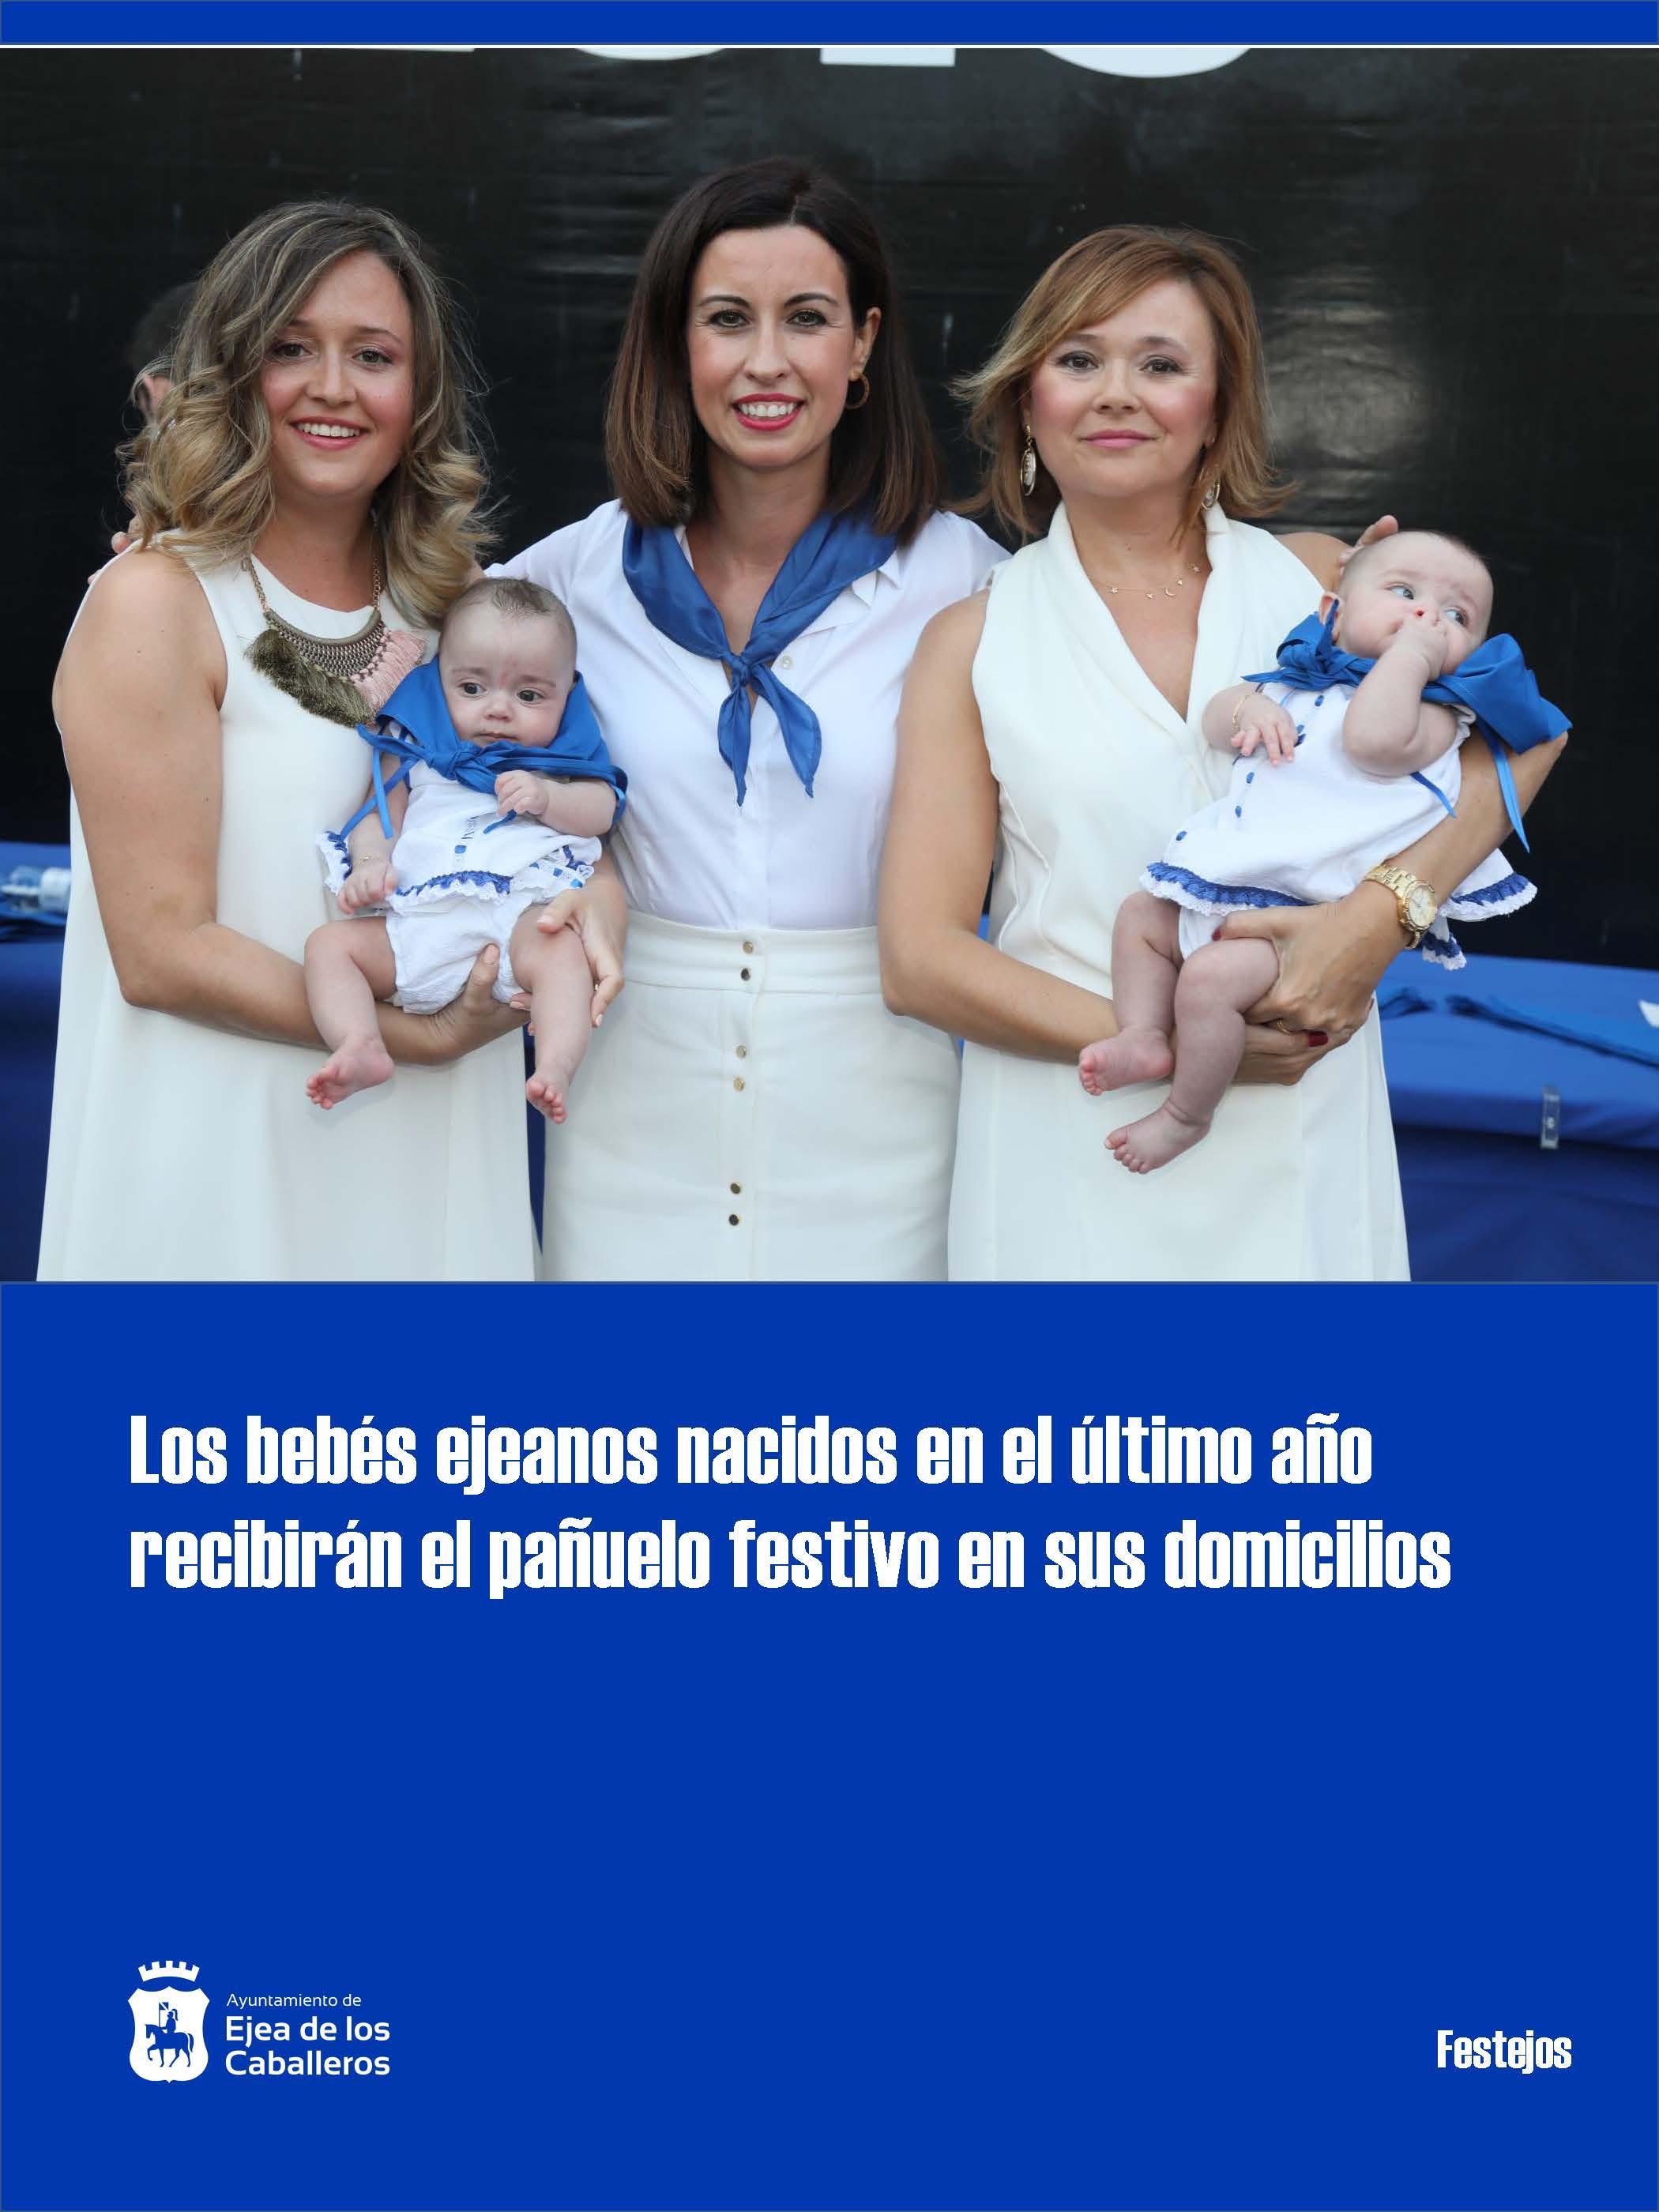 Entrega del pañuelo festivo a los bebés ejeanos nacidos en el último año